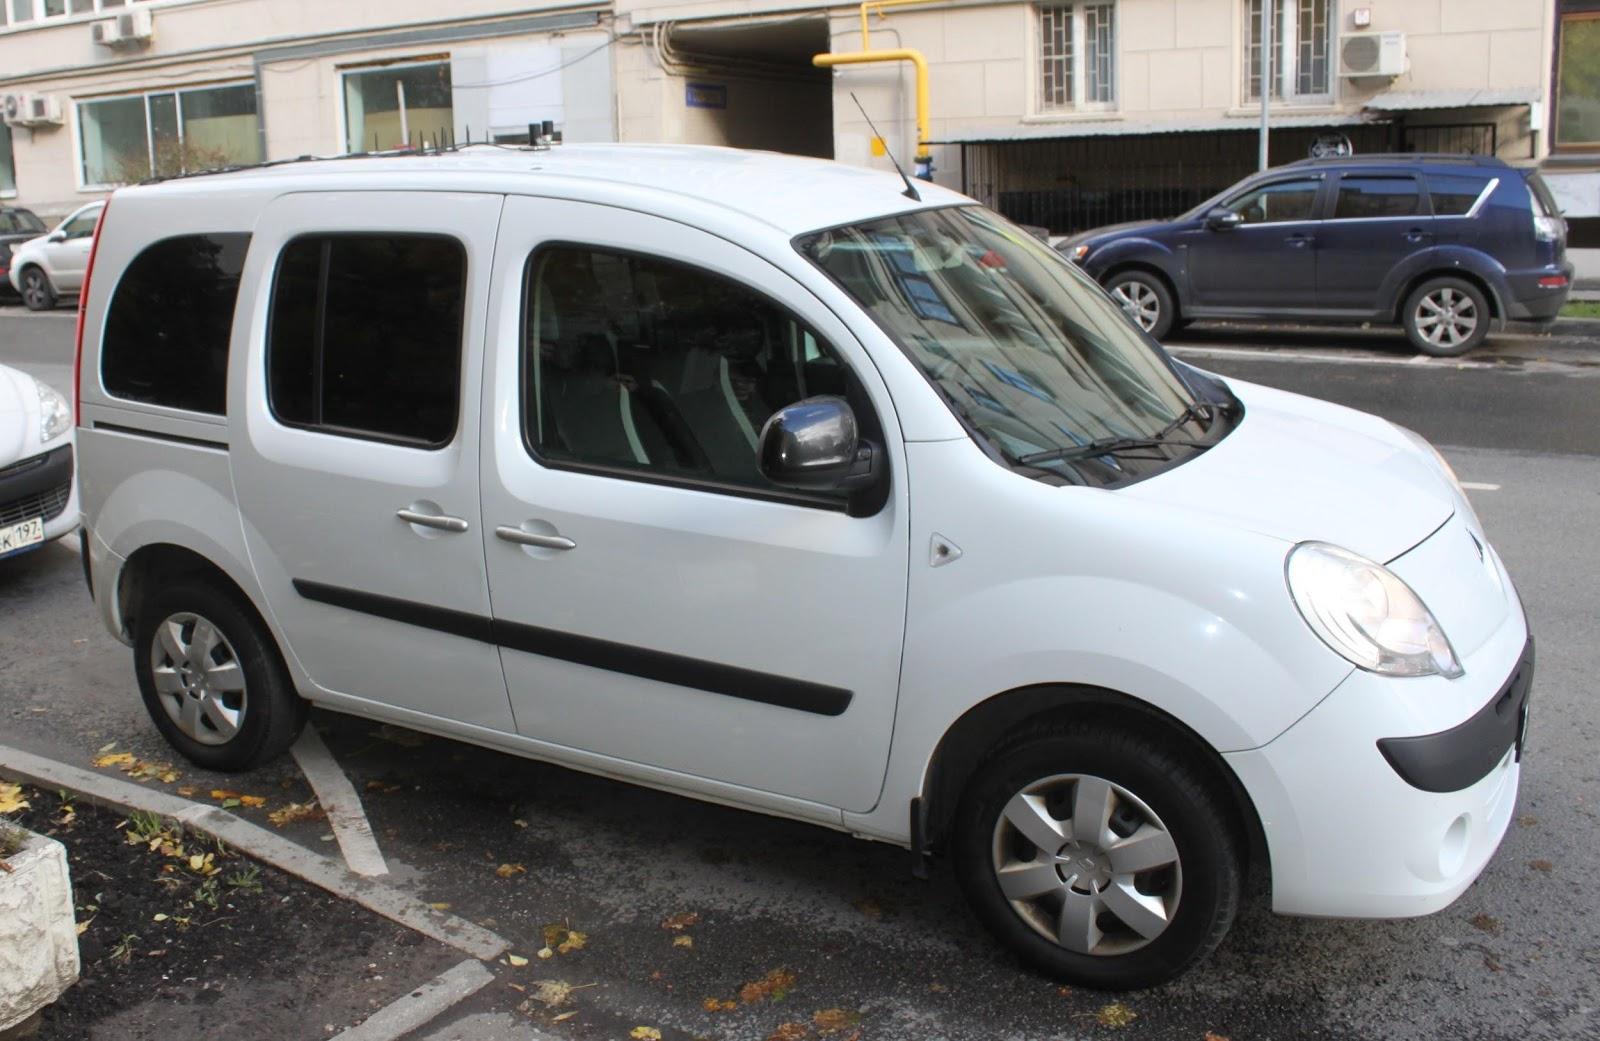 Ежики на колесах: как мы поддерживаем качество связи в Москве